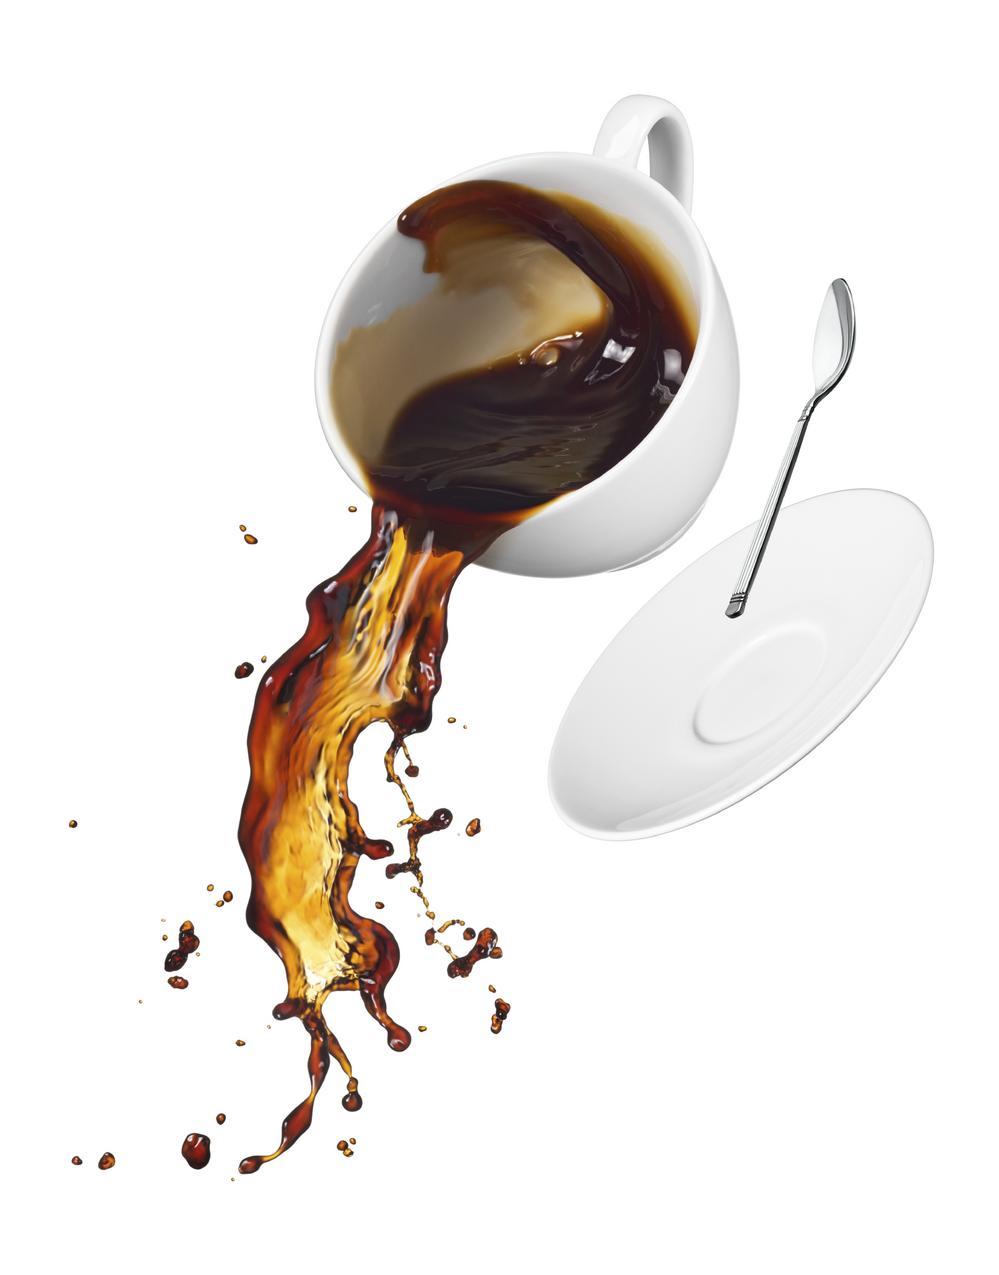 Ciemna kawa wypłukuje wapno z organizmu